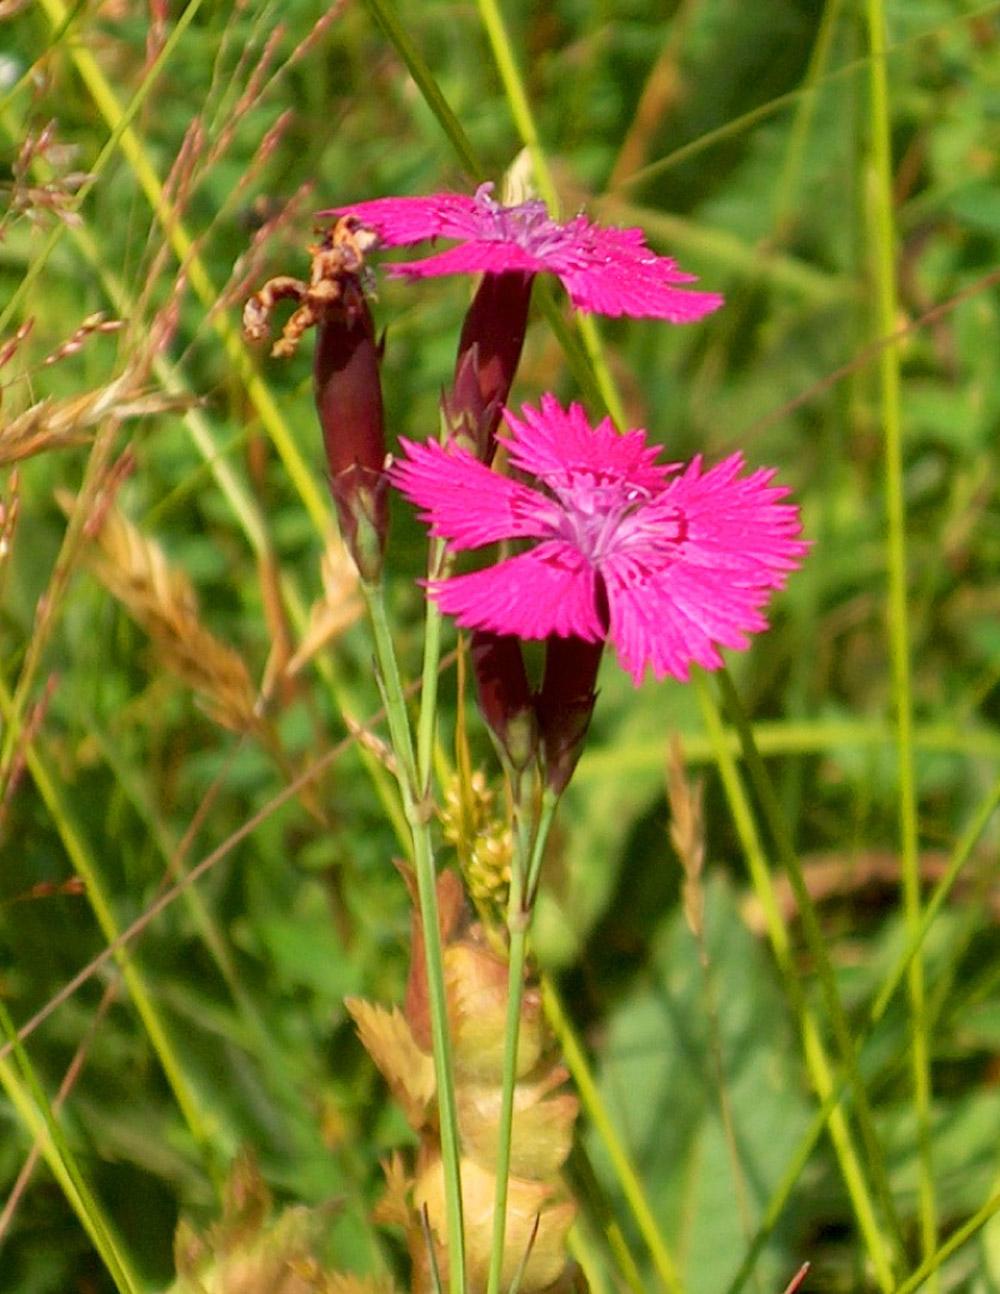 Nahaufnahme einer wilden Nelke mit zwei intensiv pink leuchtenden Blüten.